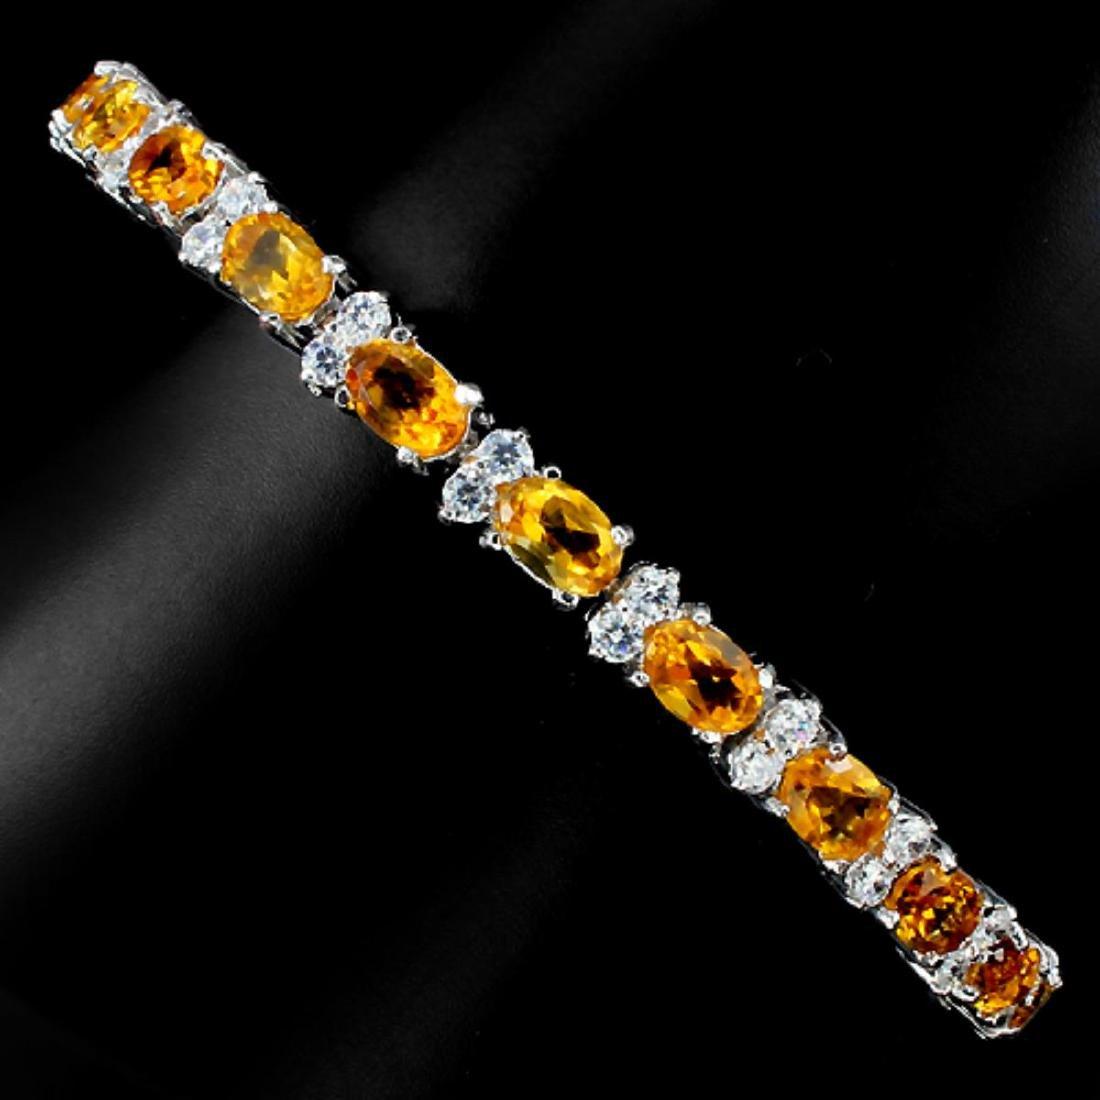 Natural Golden Yellow Citrine Bracelet